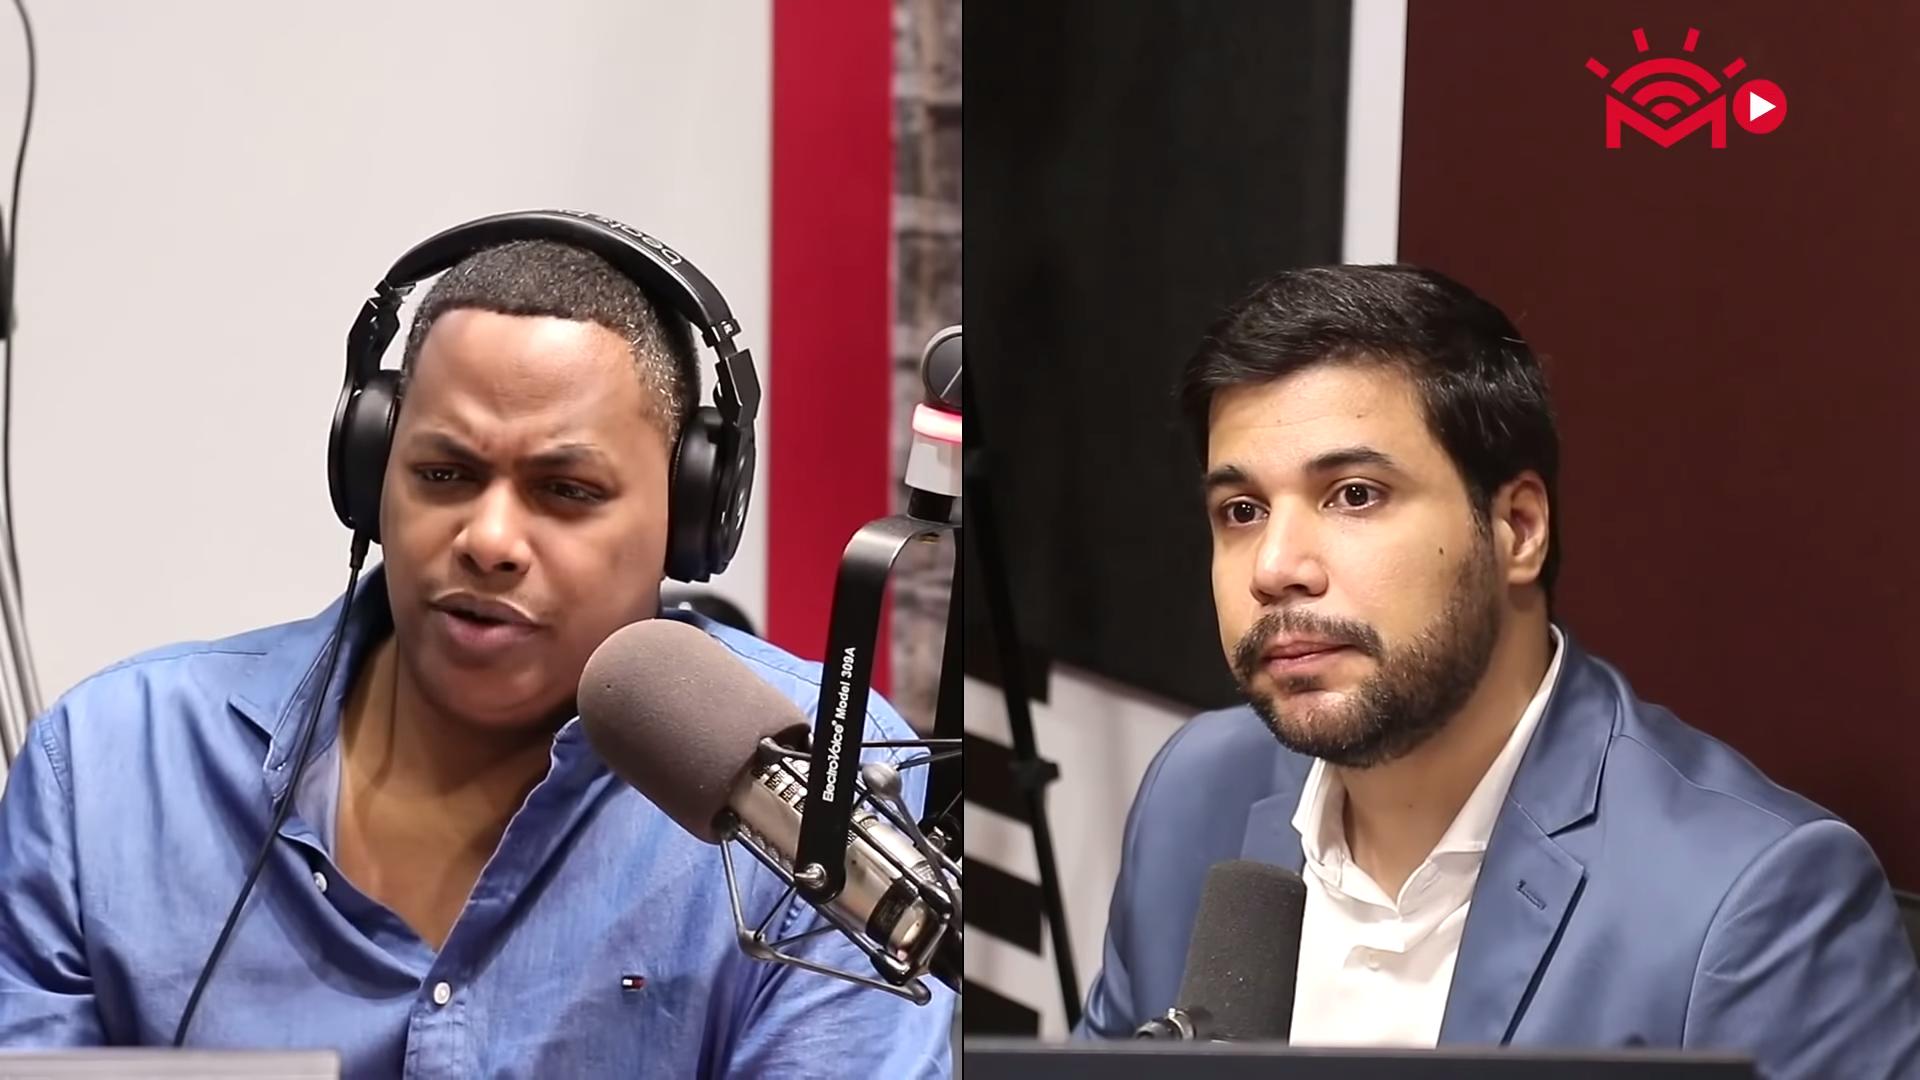 Hacia la eficientización de la empresa dominicana del futuro